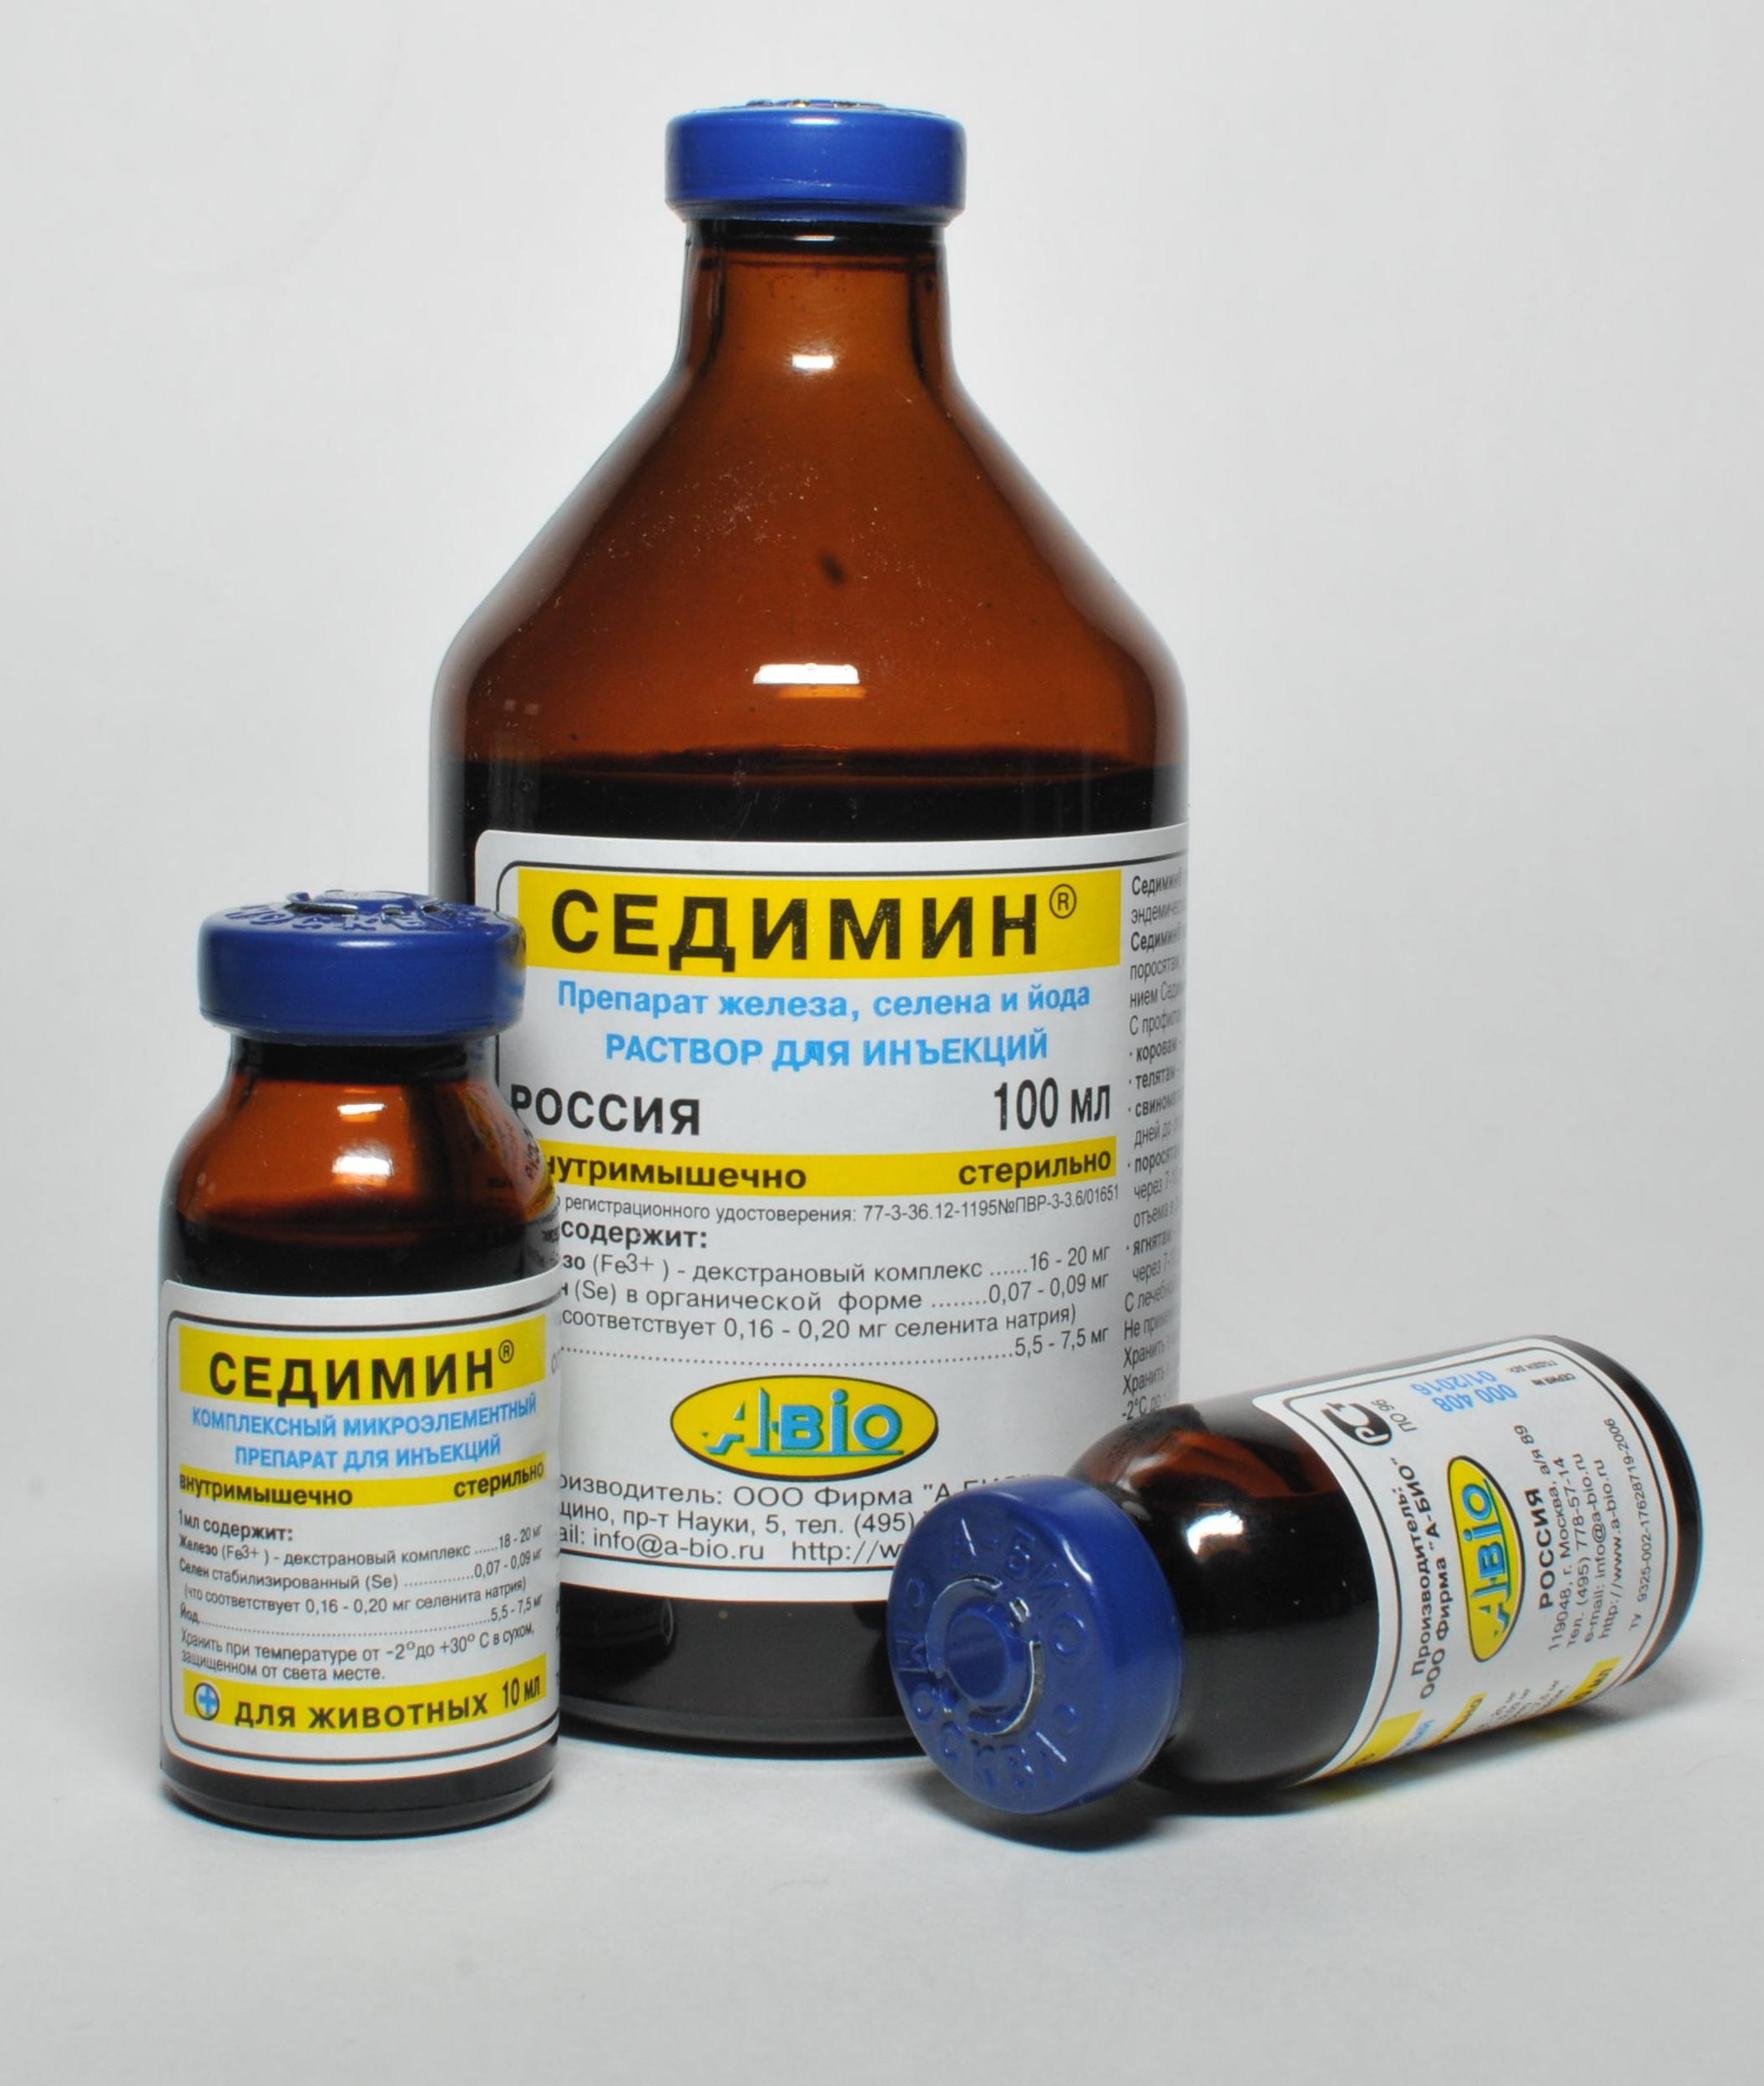 седимин для животных инструкция по применению поросятам